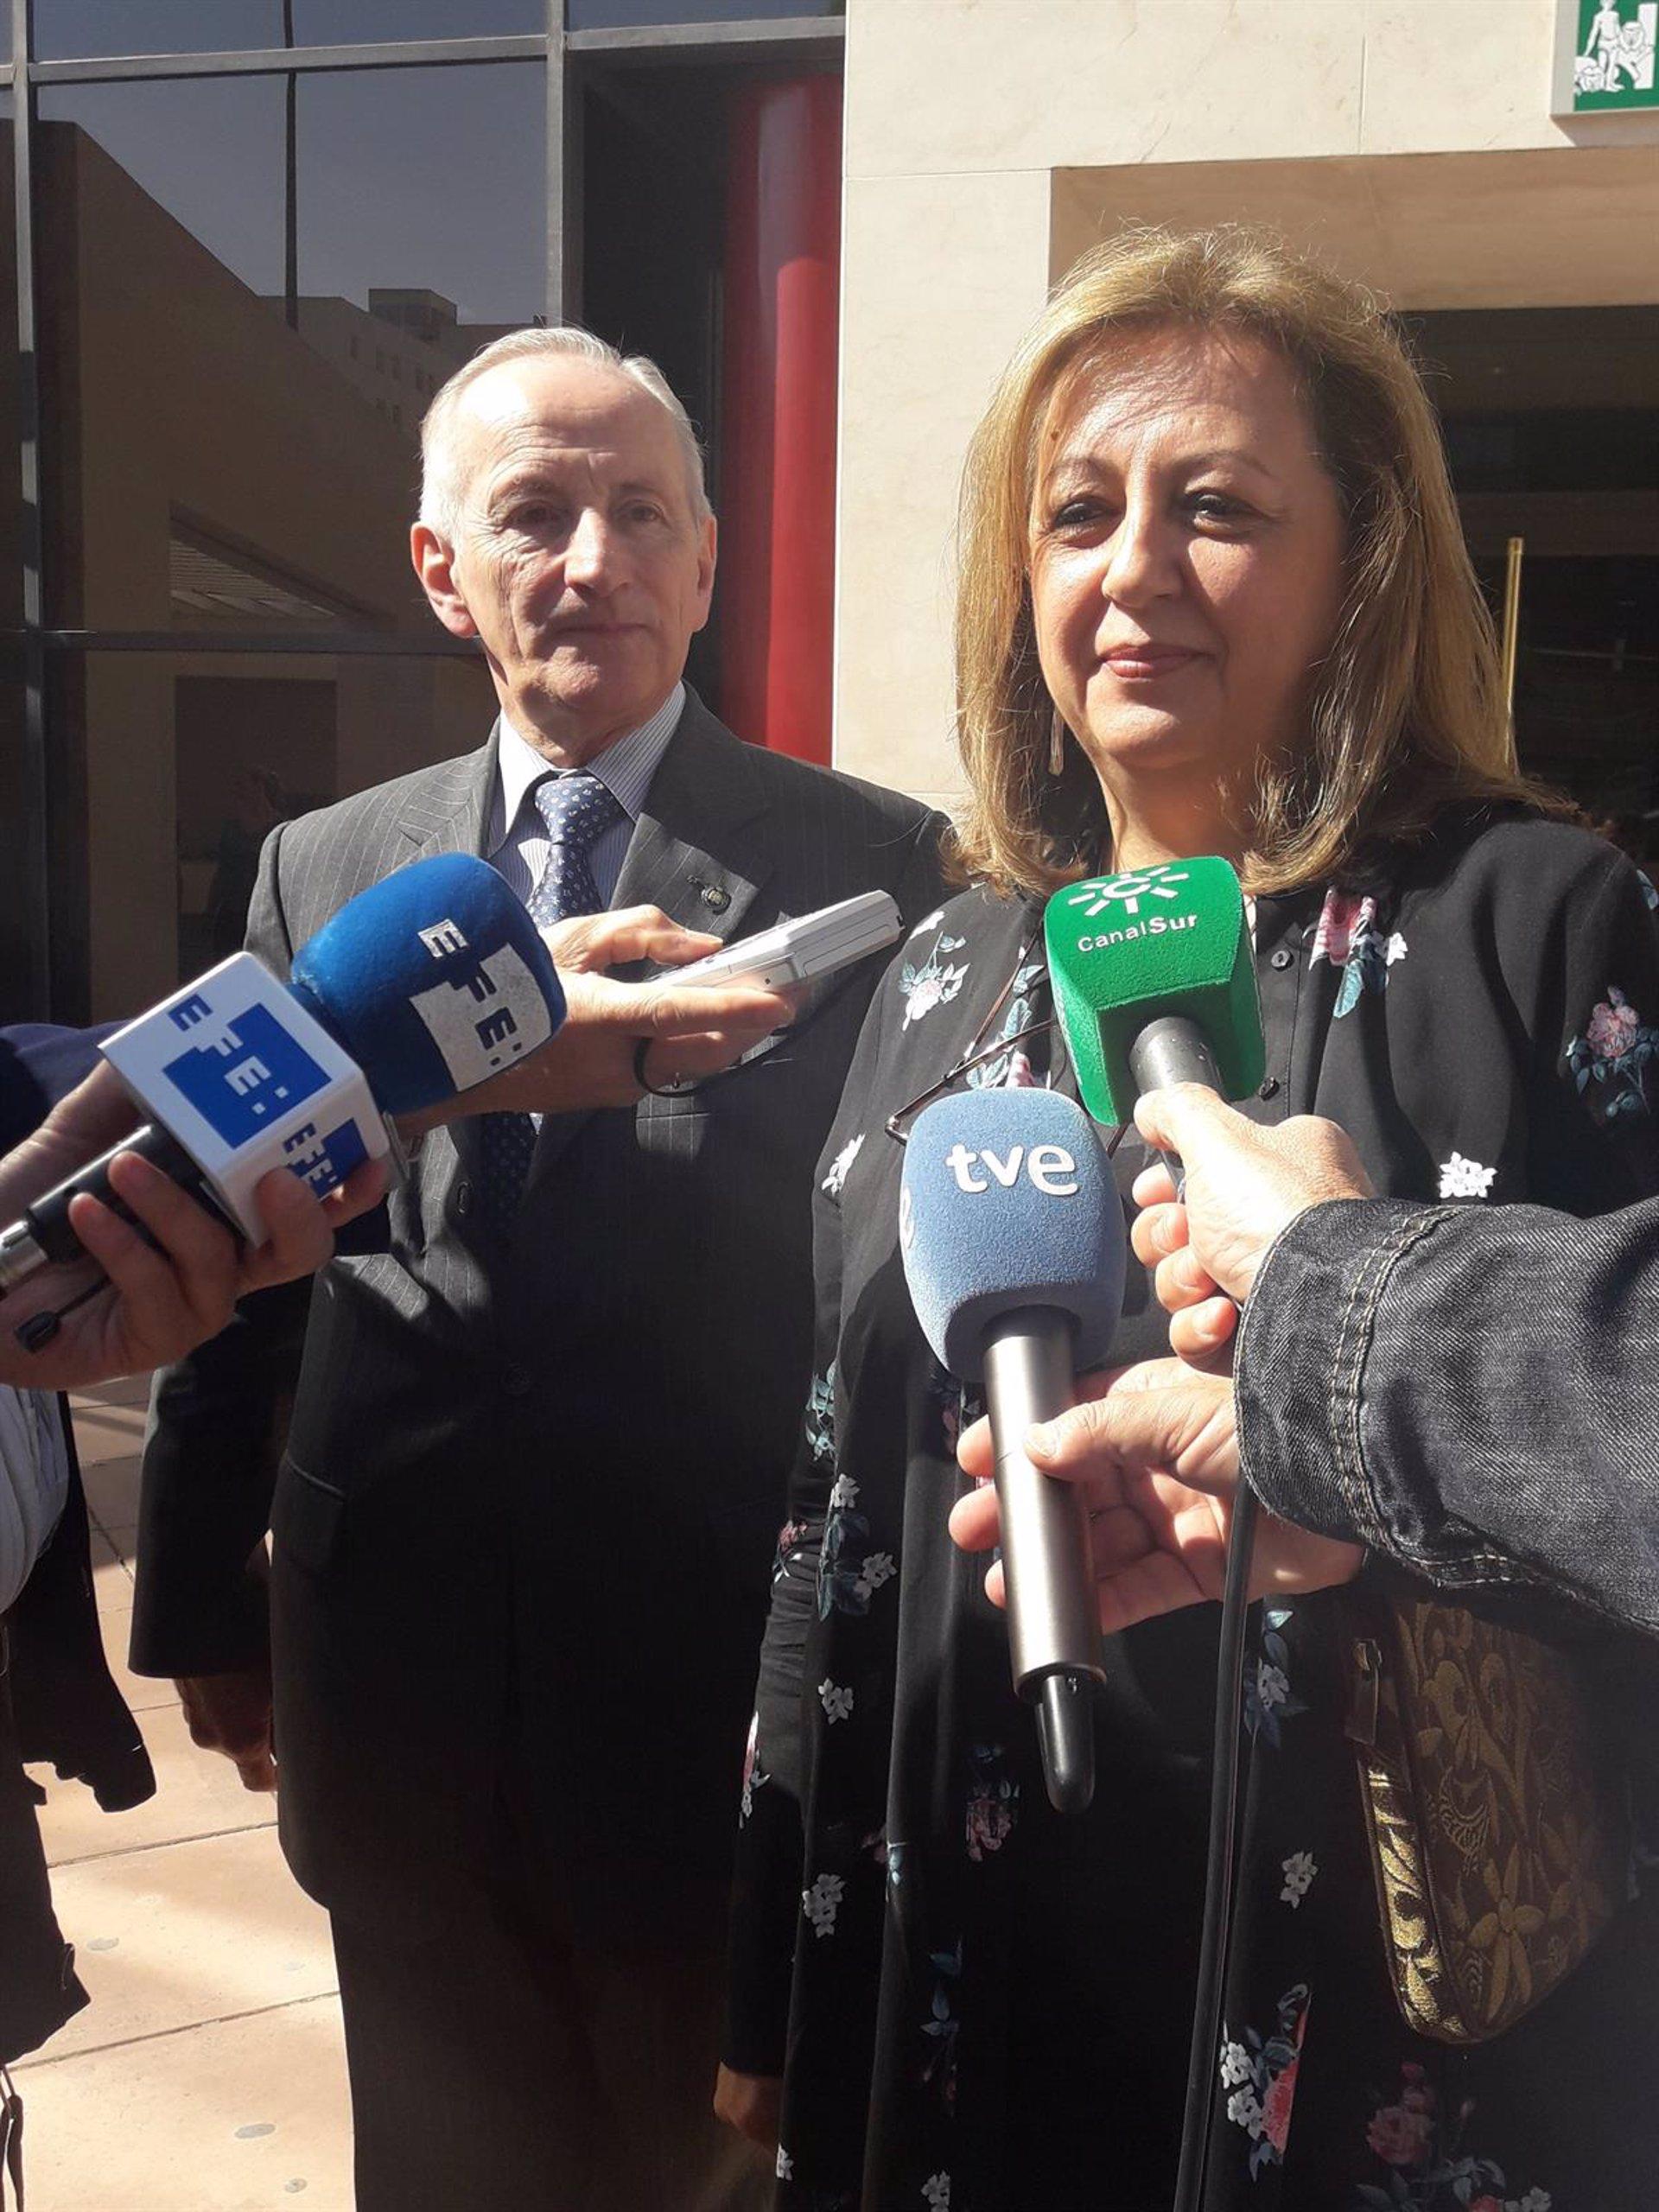 Abren juicio oral contra la exdirectora de la Alhambra por el caso audioguías